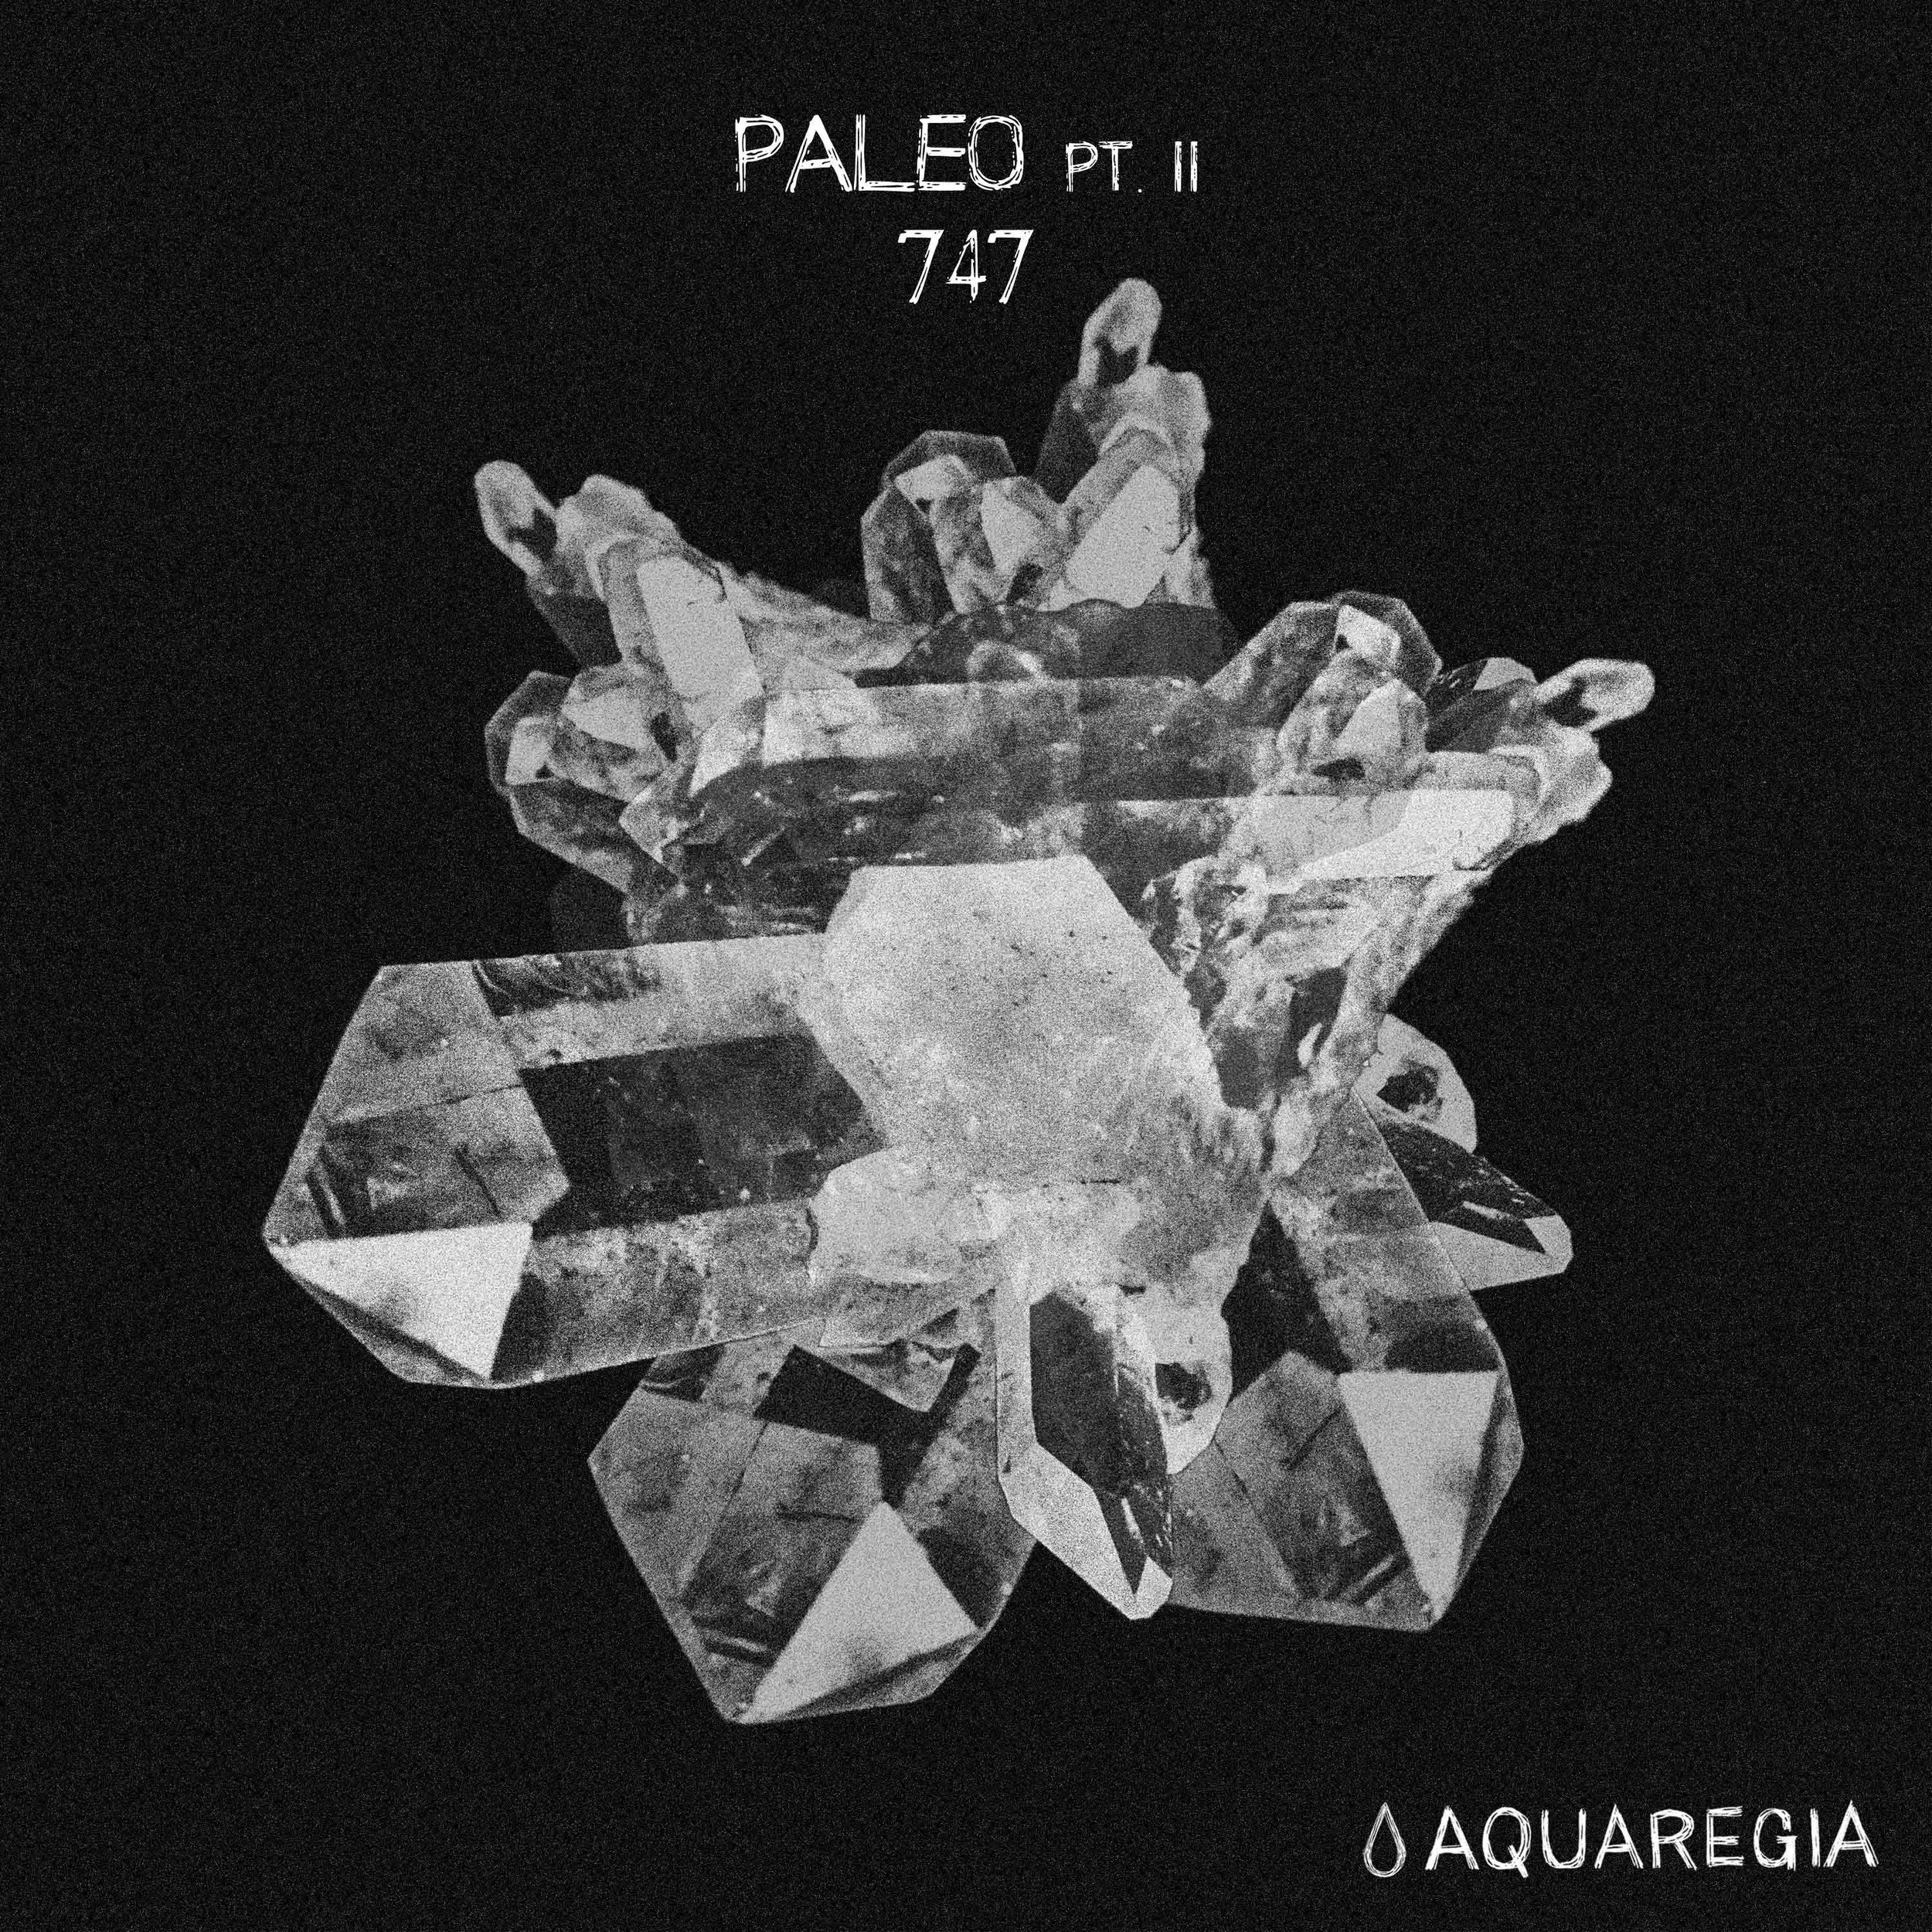 747 - Paleo Pt. II EP [AQR008]